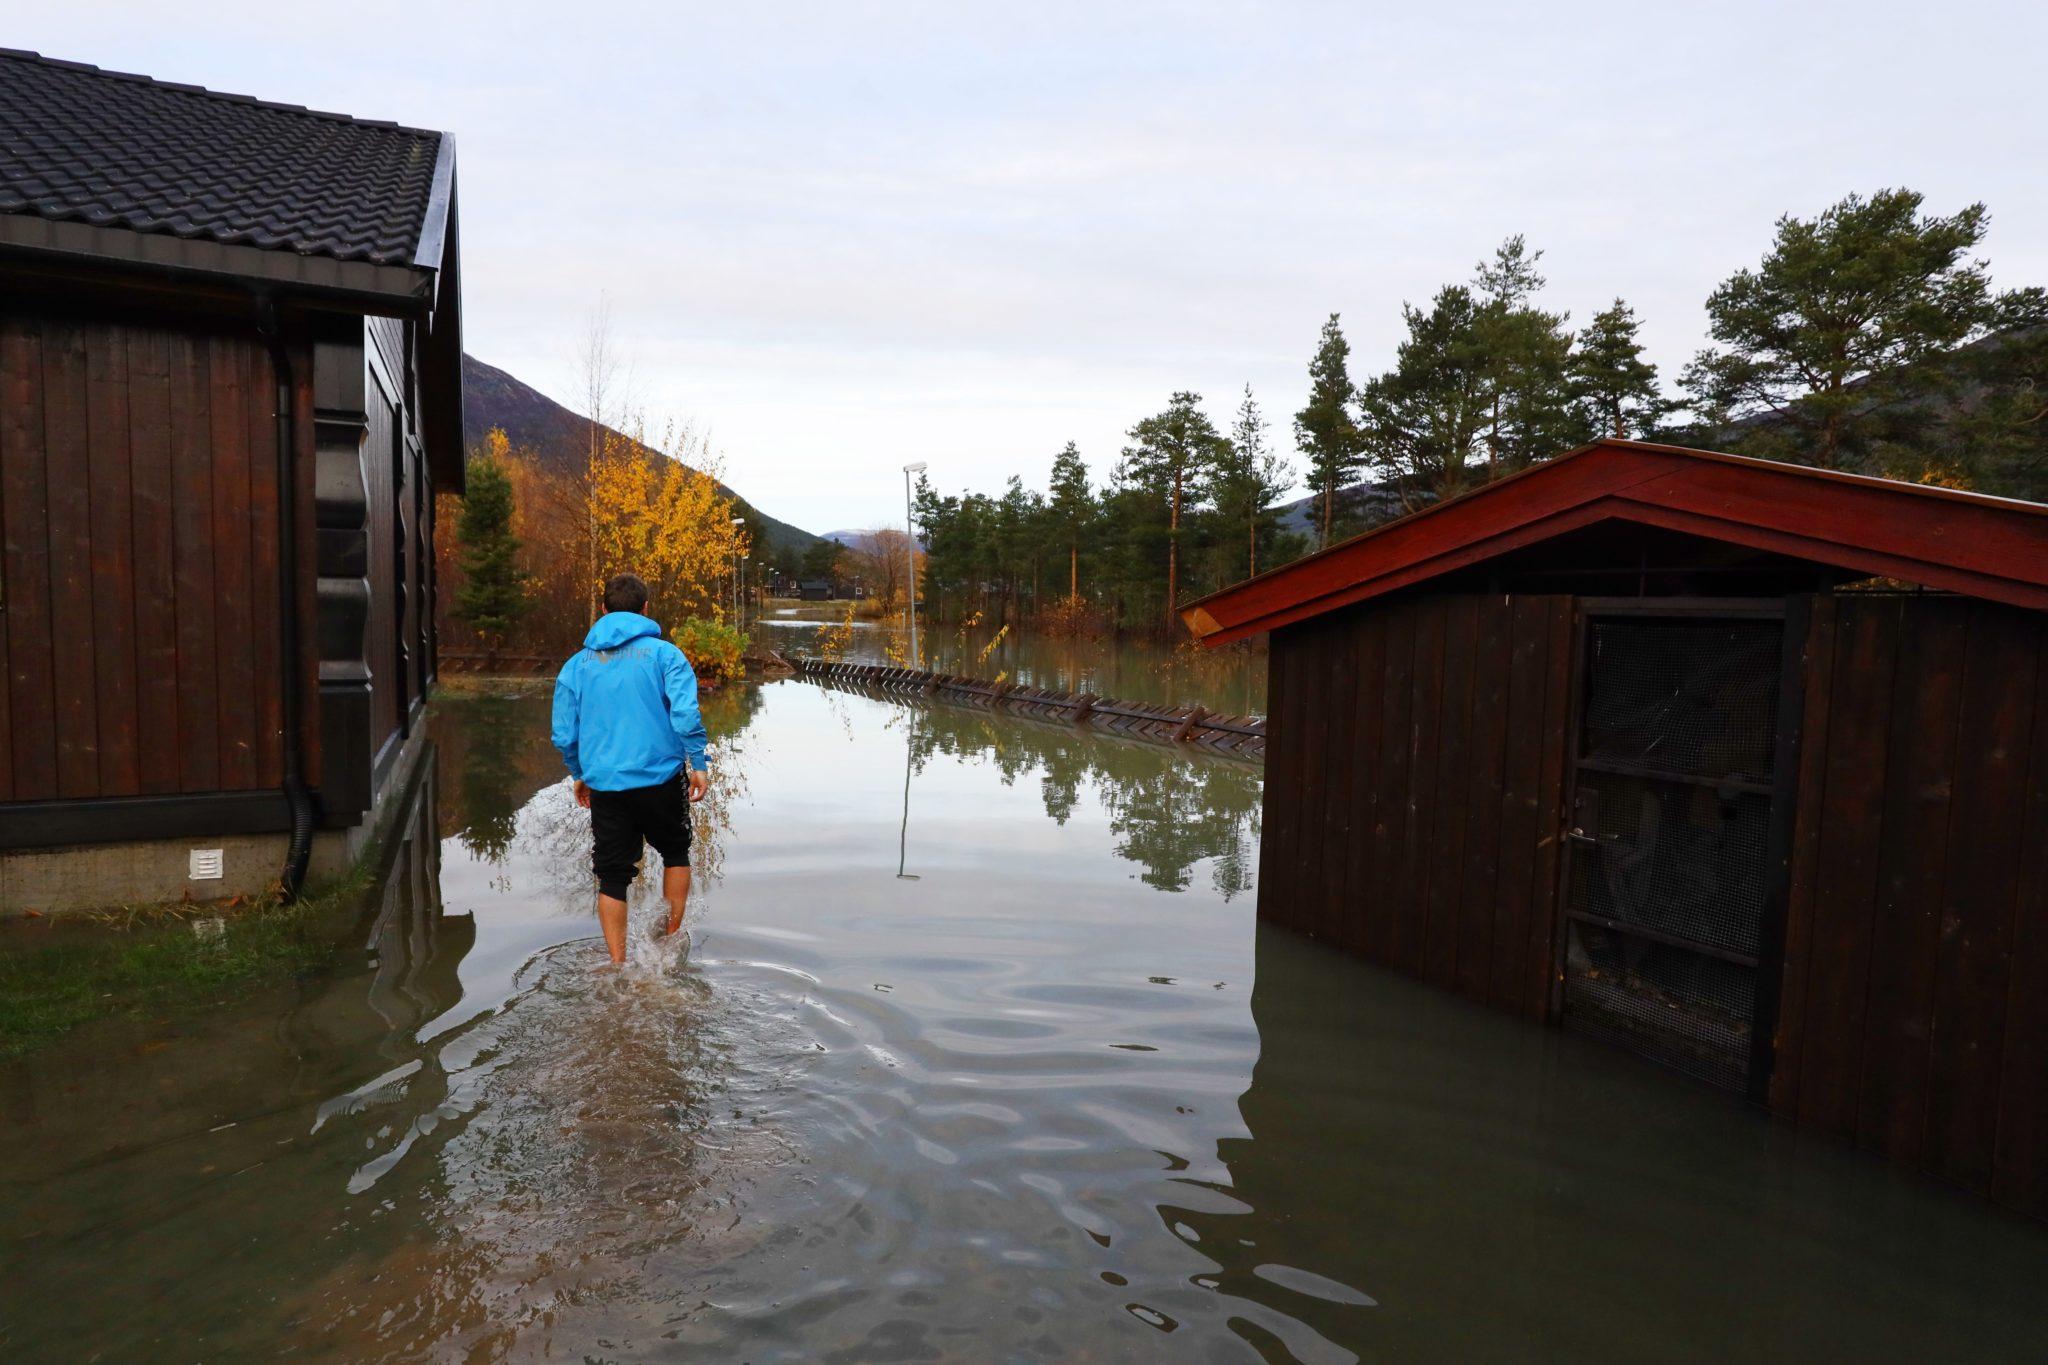 Norwegia: rosnące temperatury i topniejący śnieg w połączeniu z ulewnymi opadami deszczu spowodowały zalanie kilku obszarów w środkowej i zachodniej Norwegii, fot. EPA